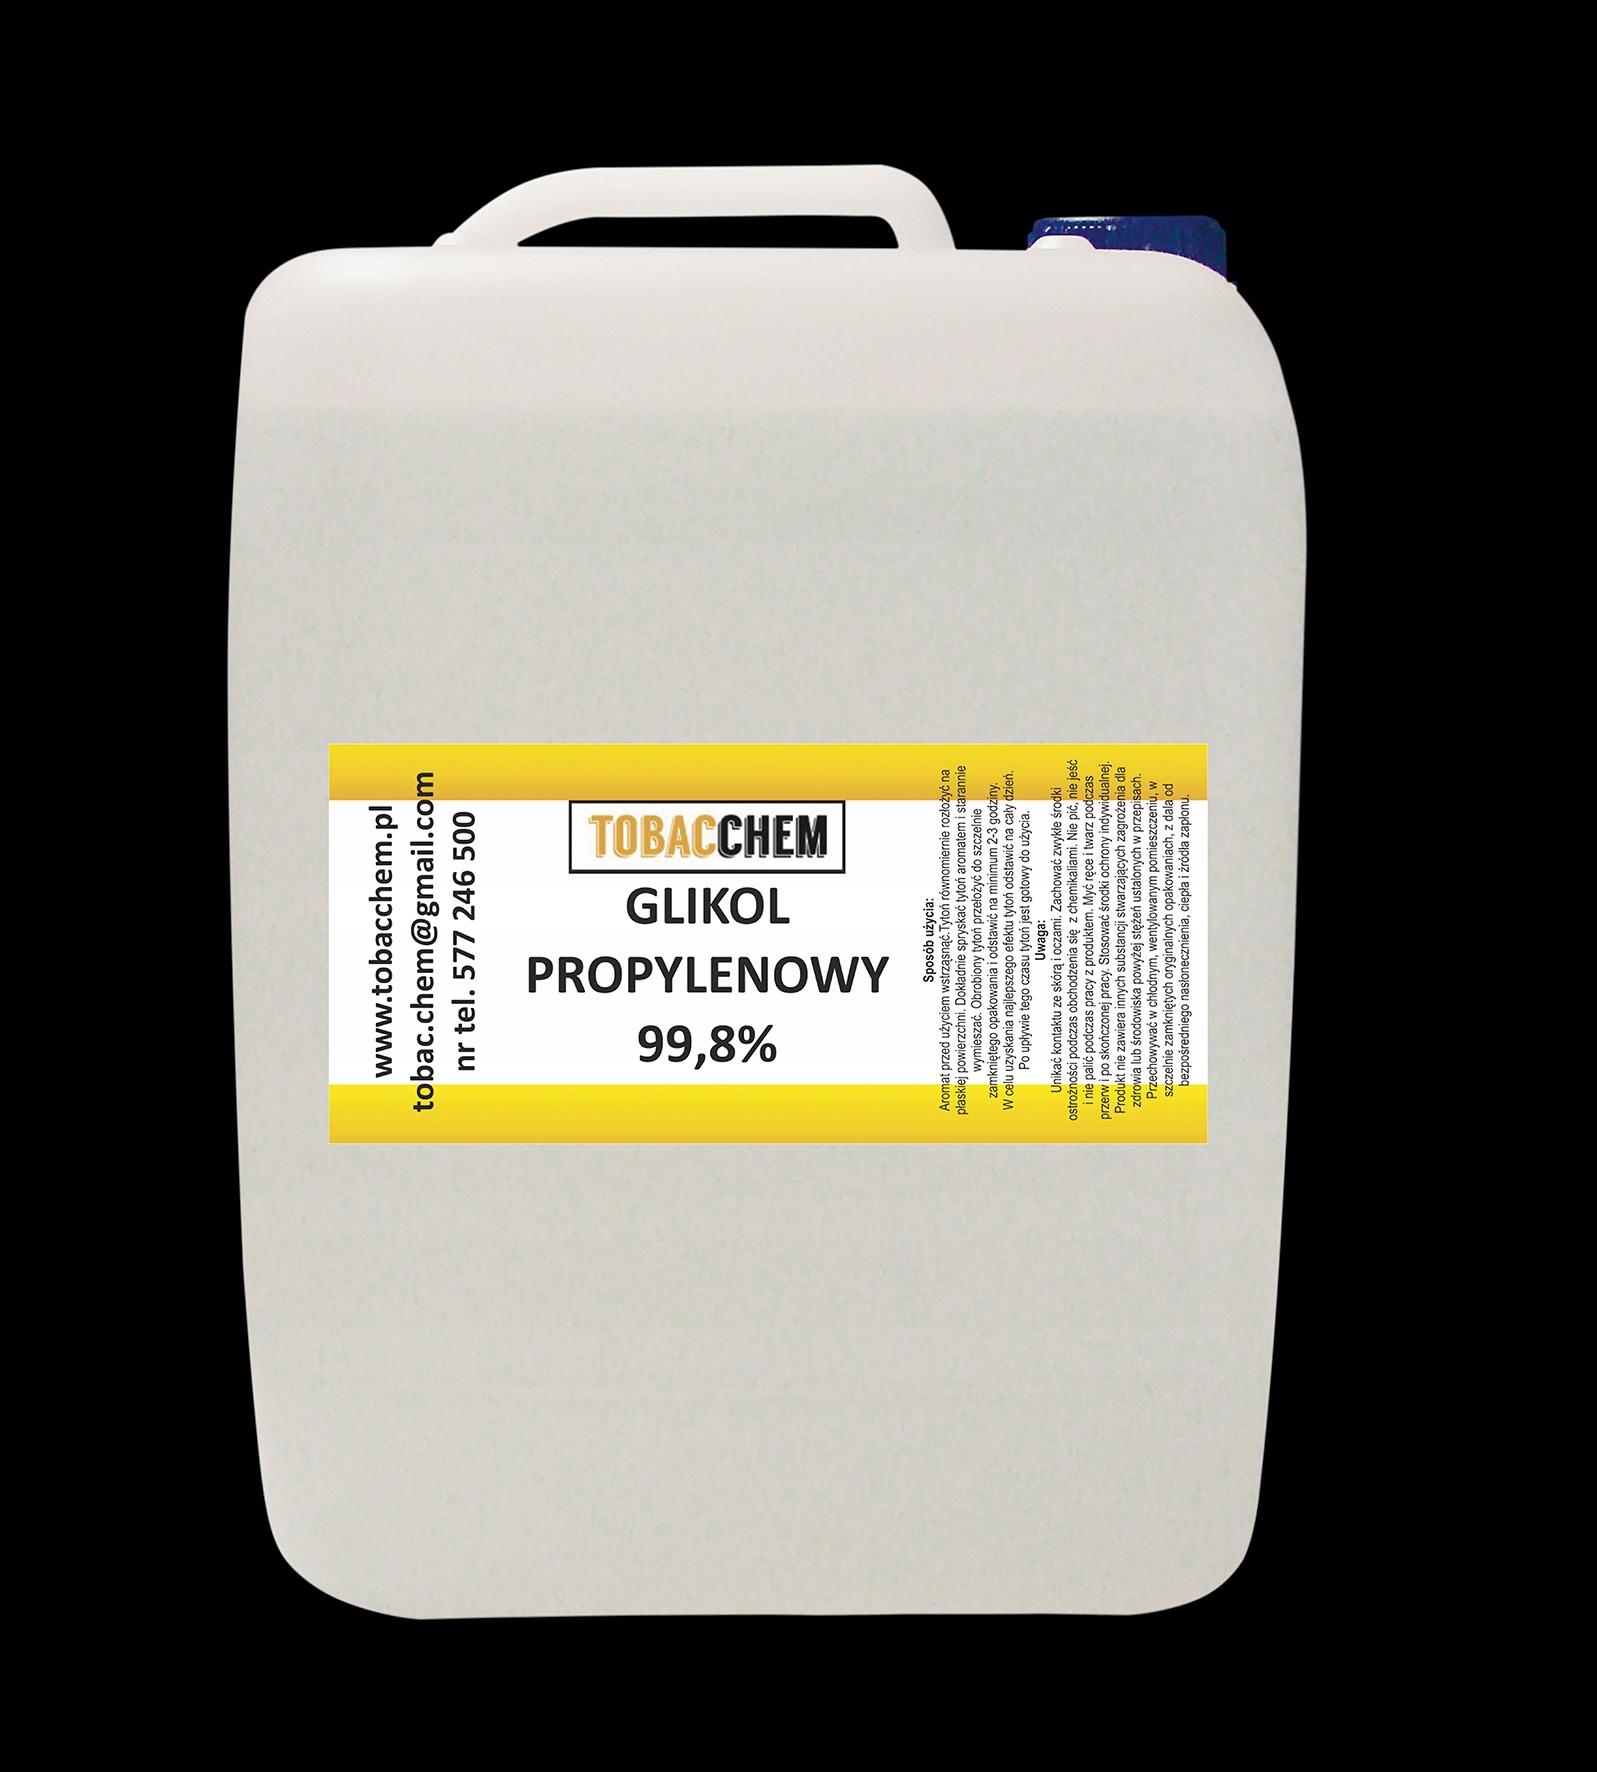 Glikol propylenowy USP/EP - Tytoń